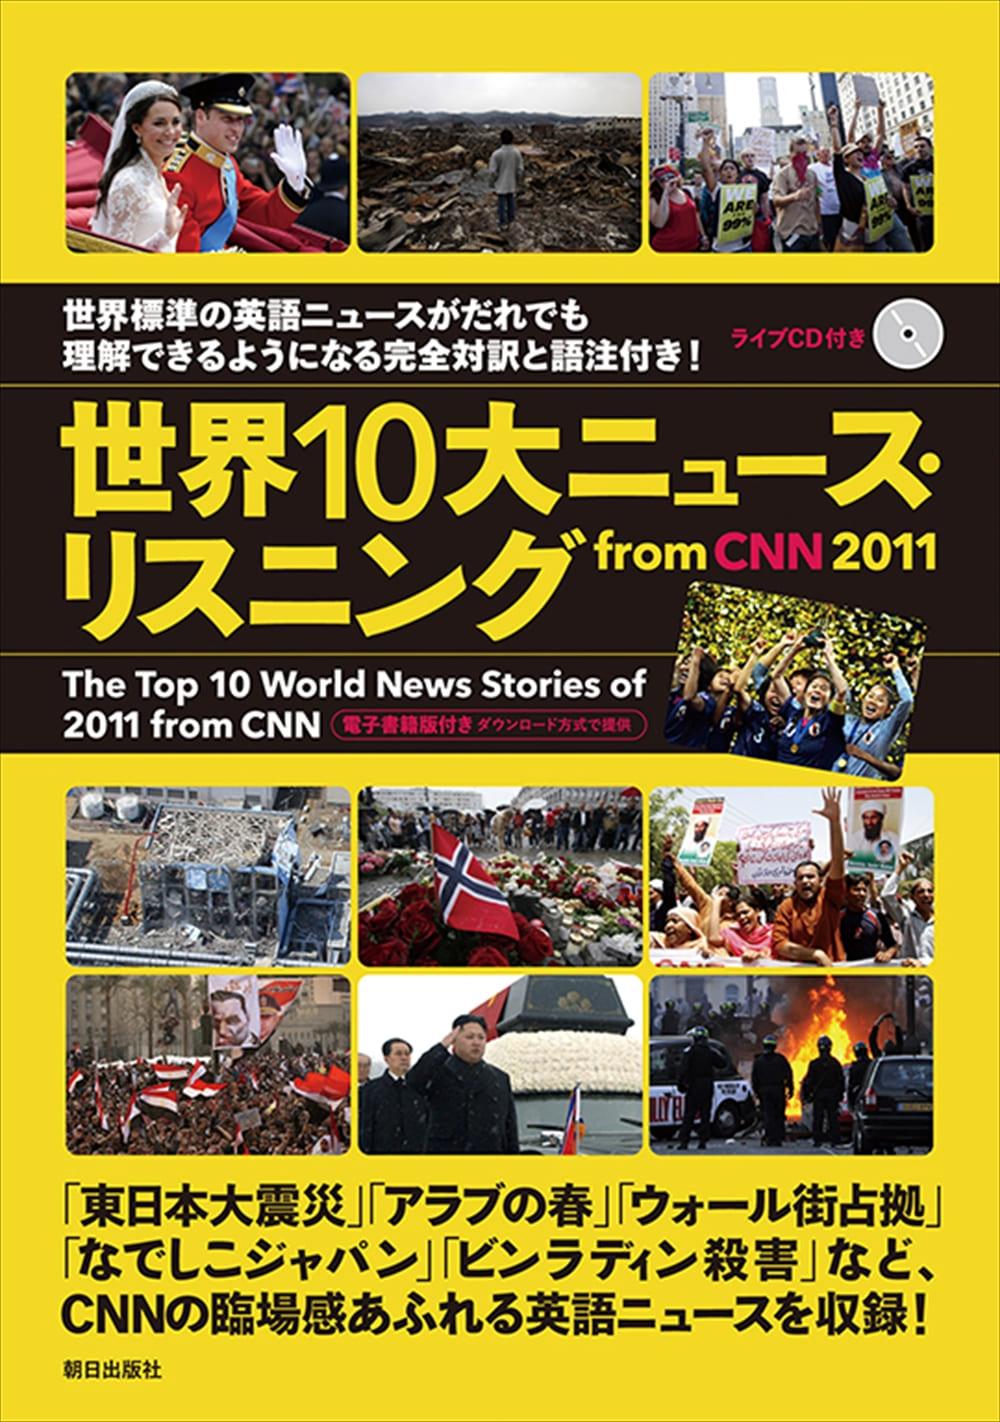 世界10大ニュース・リスニング from CNN 2011